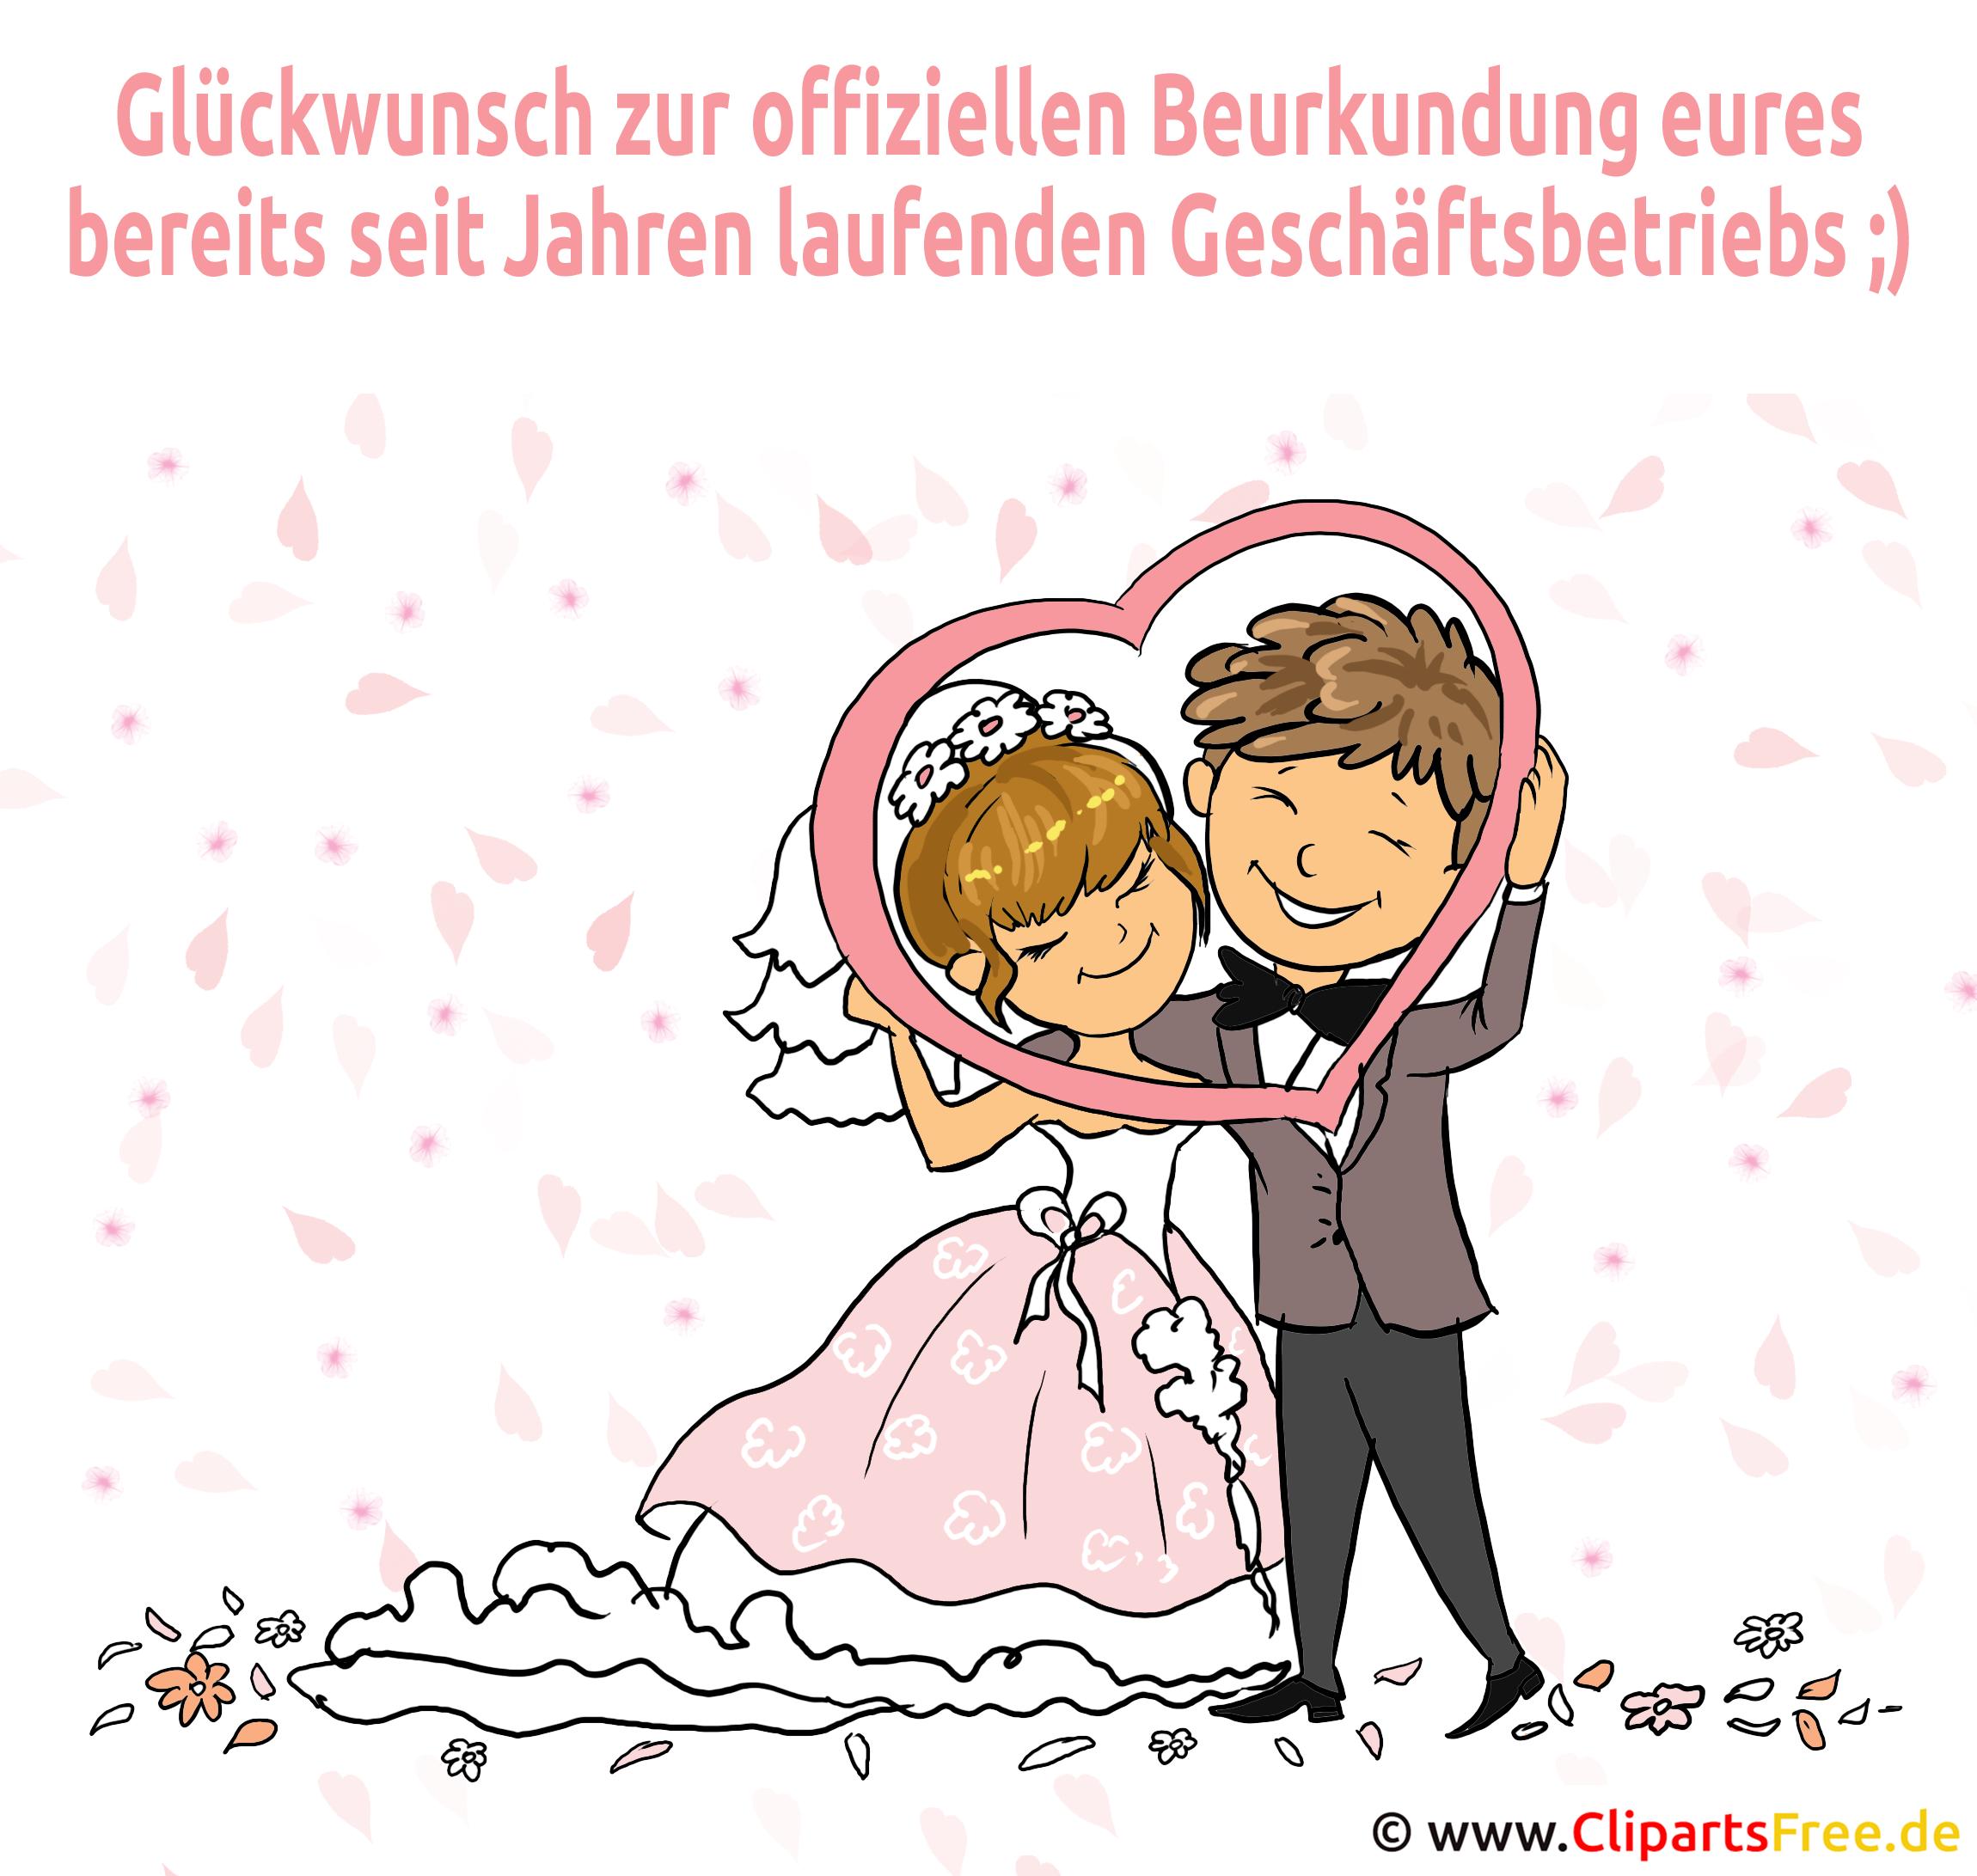 Sprüche Zur Hochzeit Lustig : Hochzeitssprüche - die 16